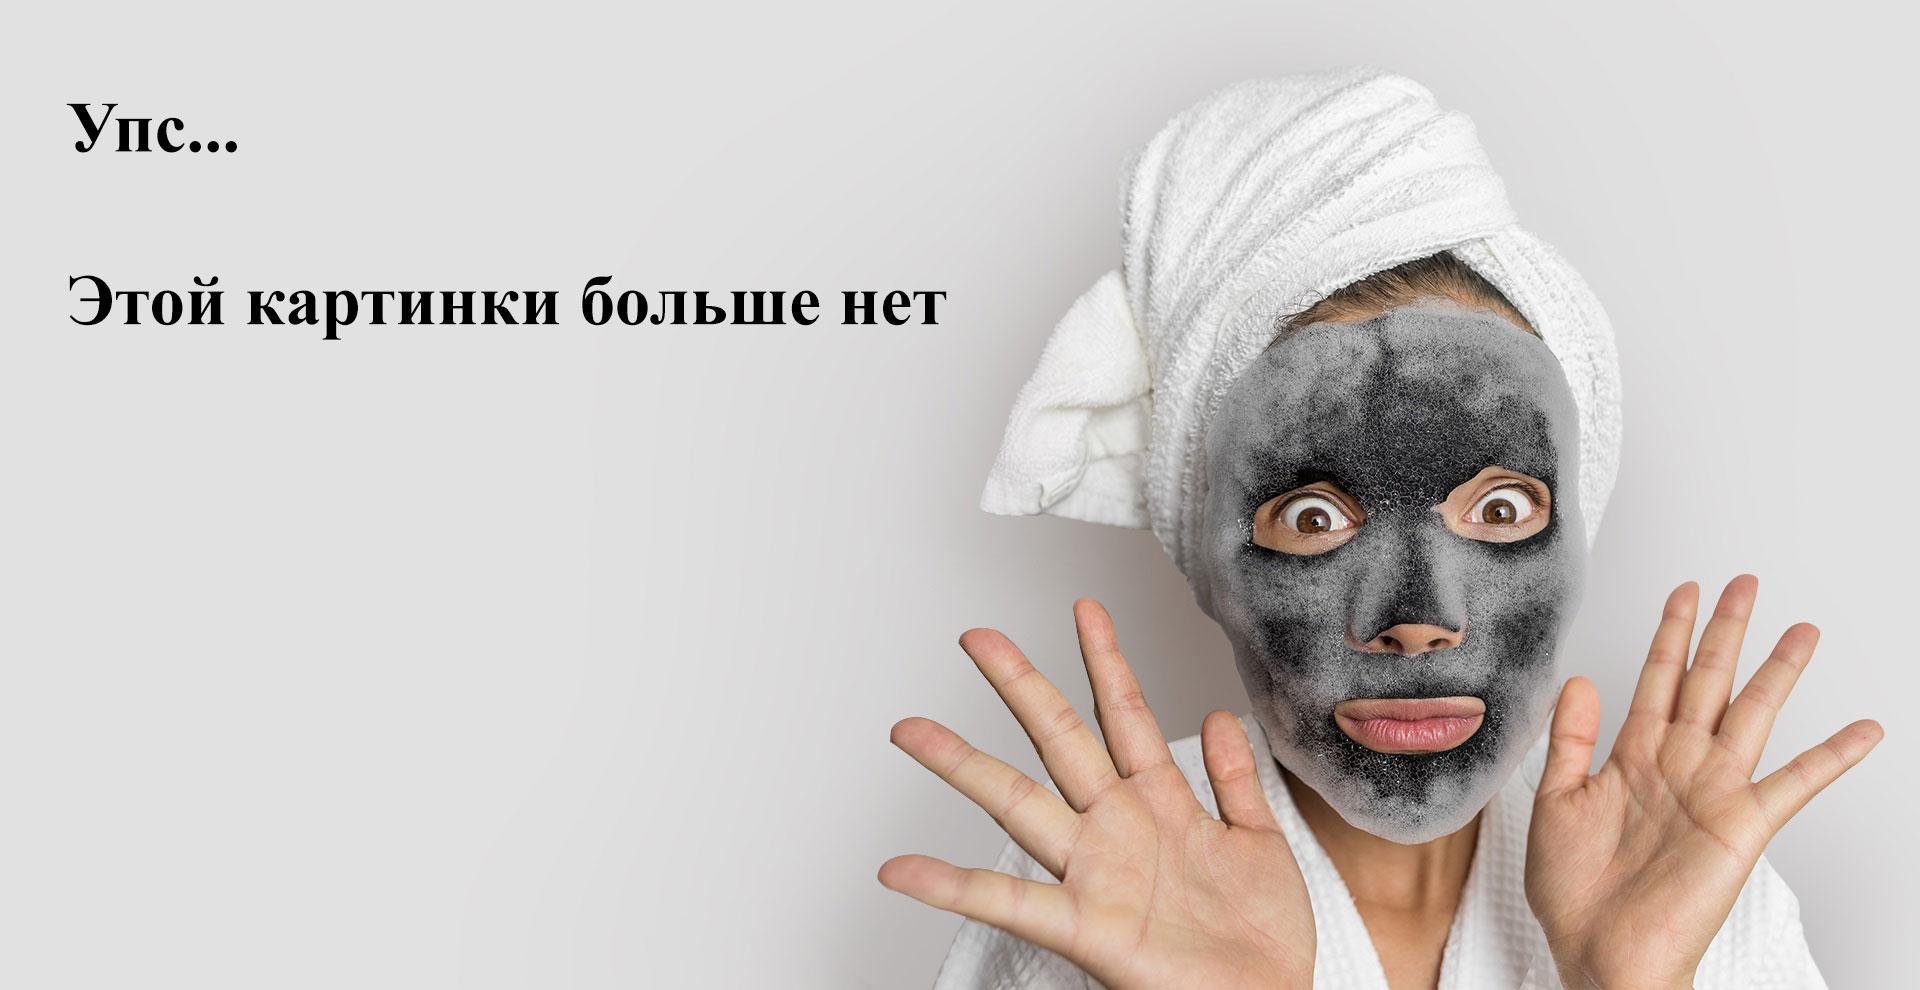 Etude Organix, Крем для рук и ногтей «Виноградное парфе», 50 мл